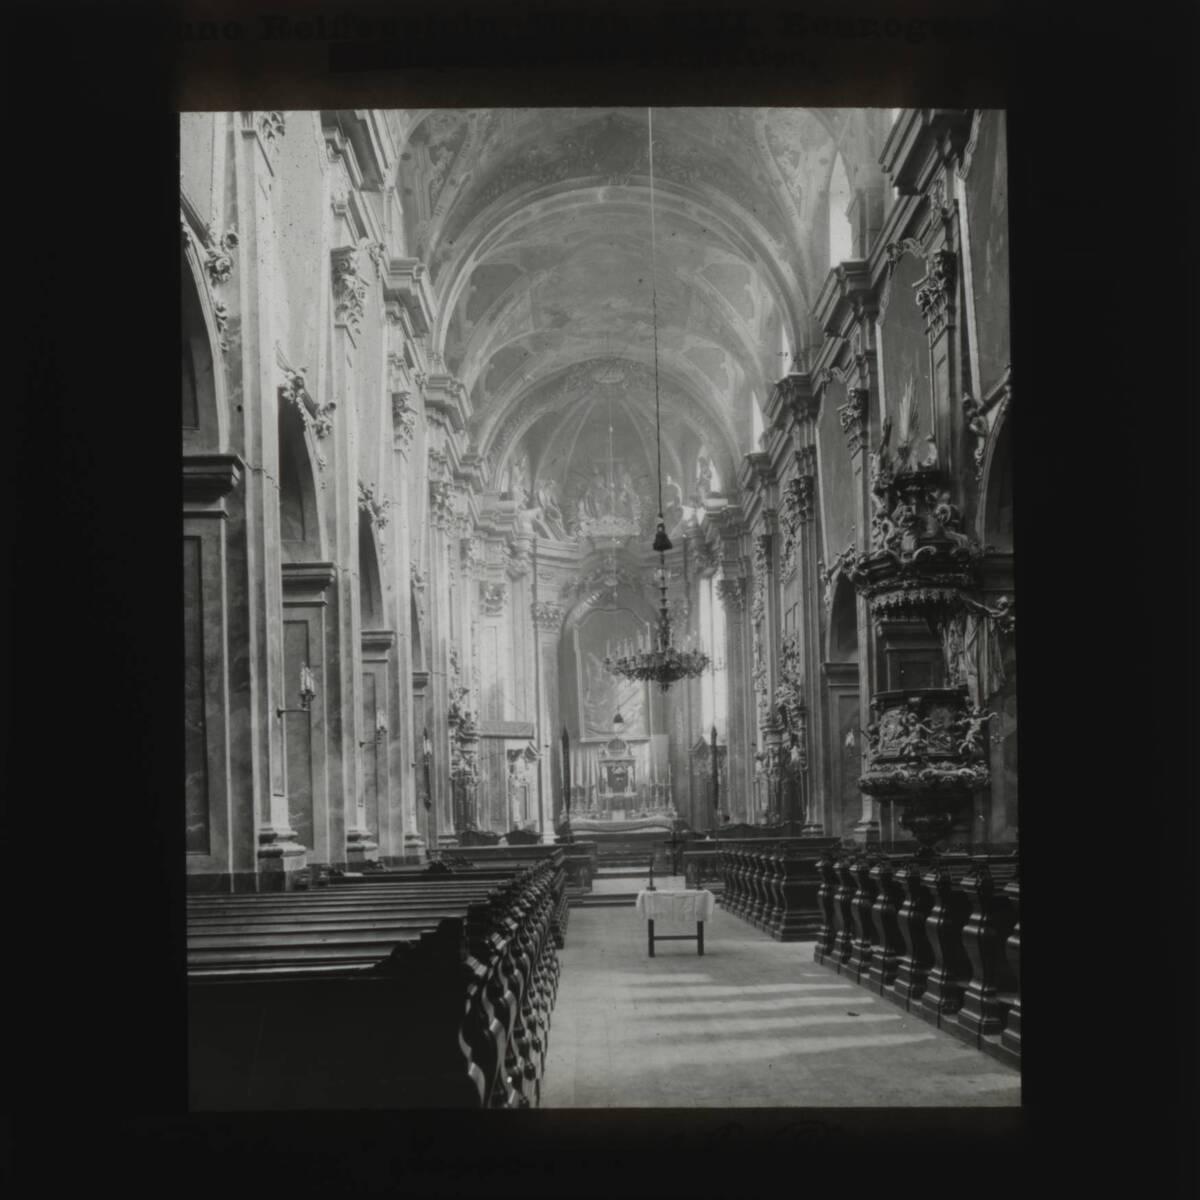 Dom zu St. Pölten (vom Bearbeiter vergebener Titel) von Reiffenstein, Bruno